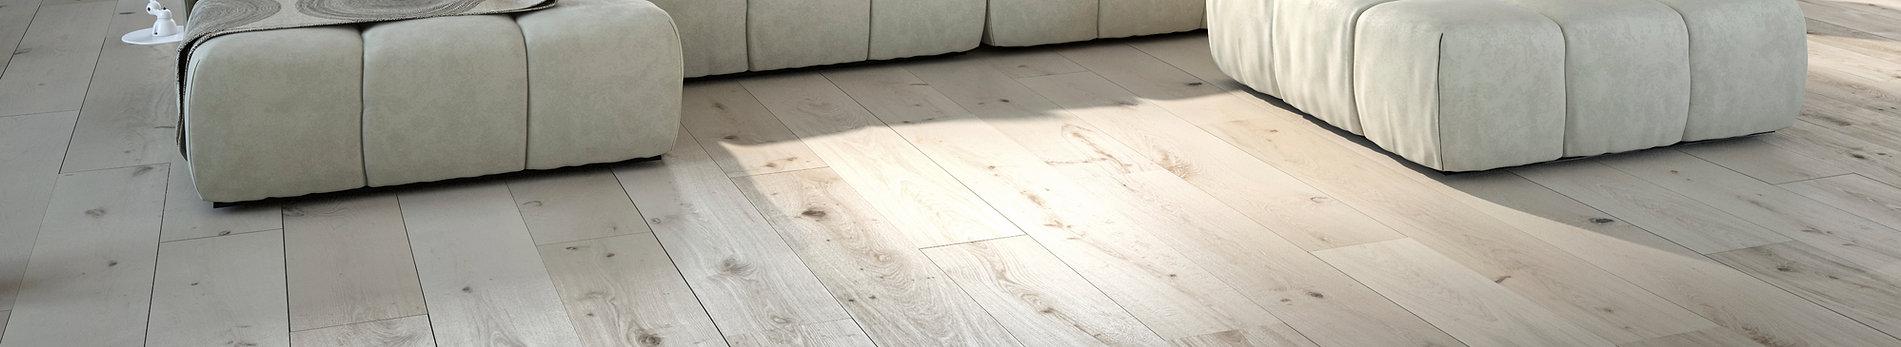 Flooring, Vee jay floor covering, ruggieri